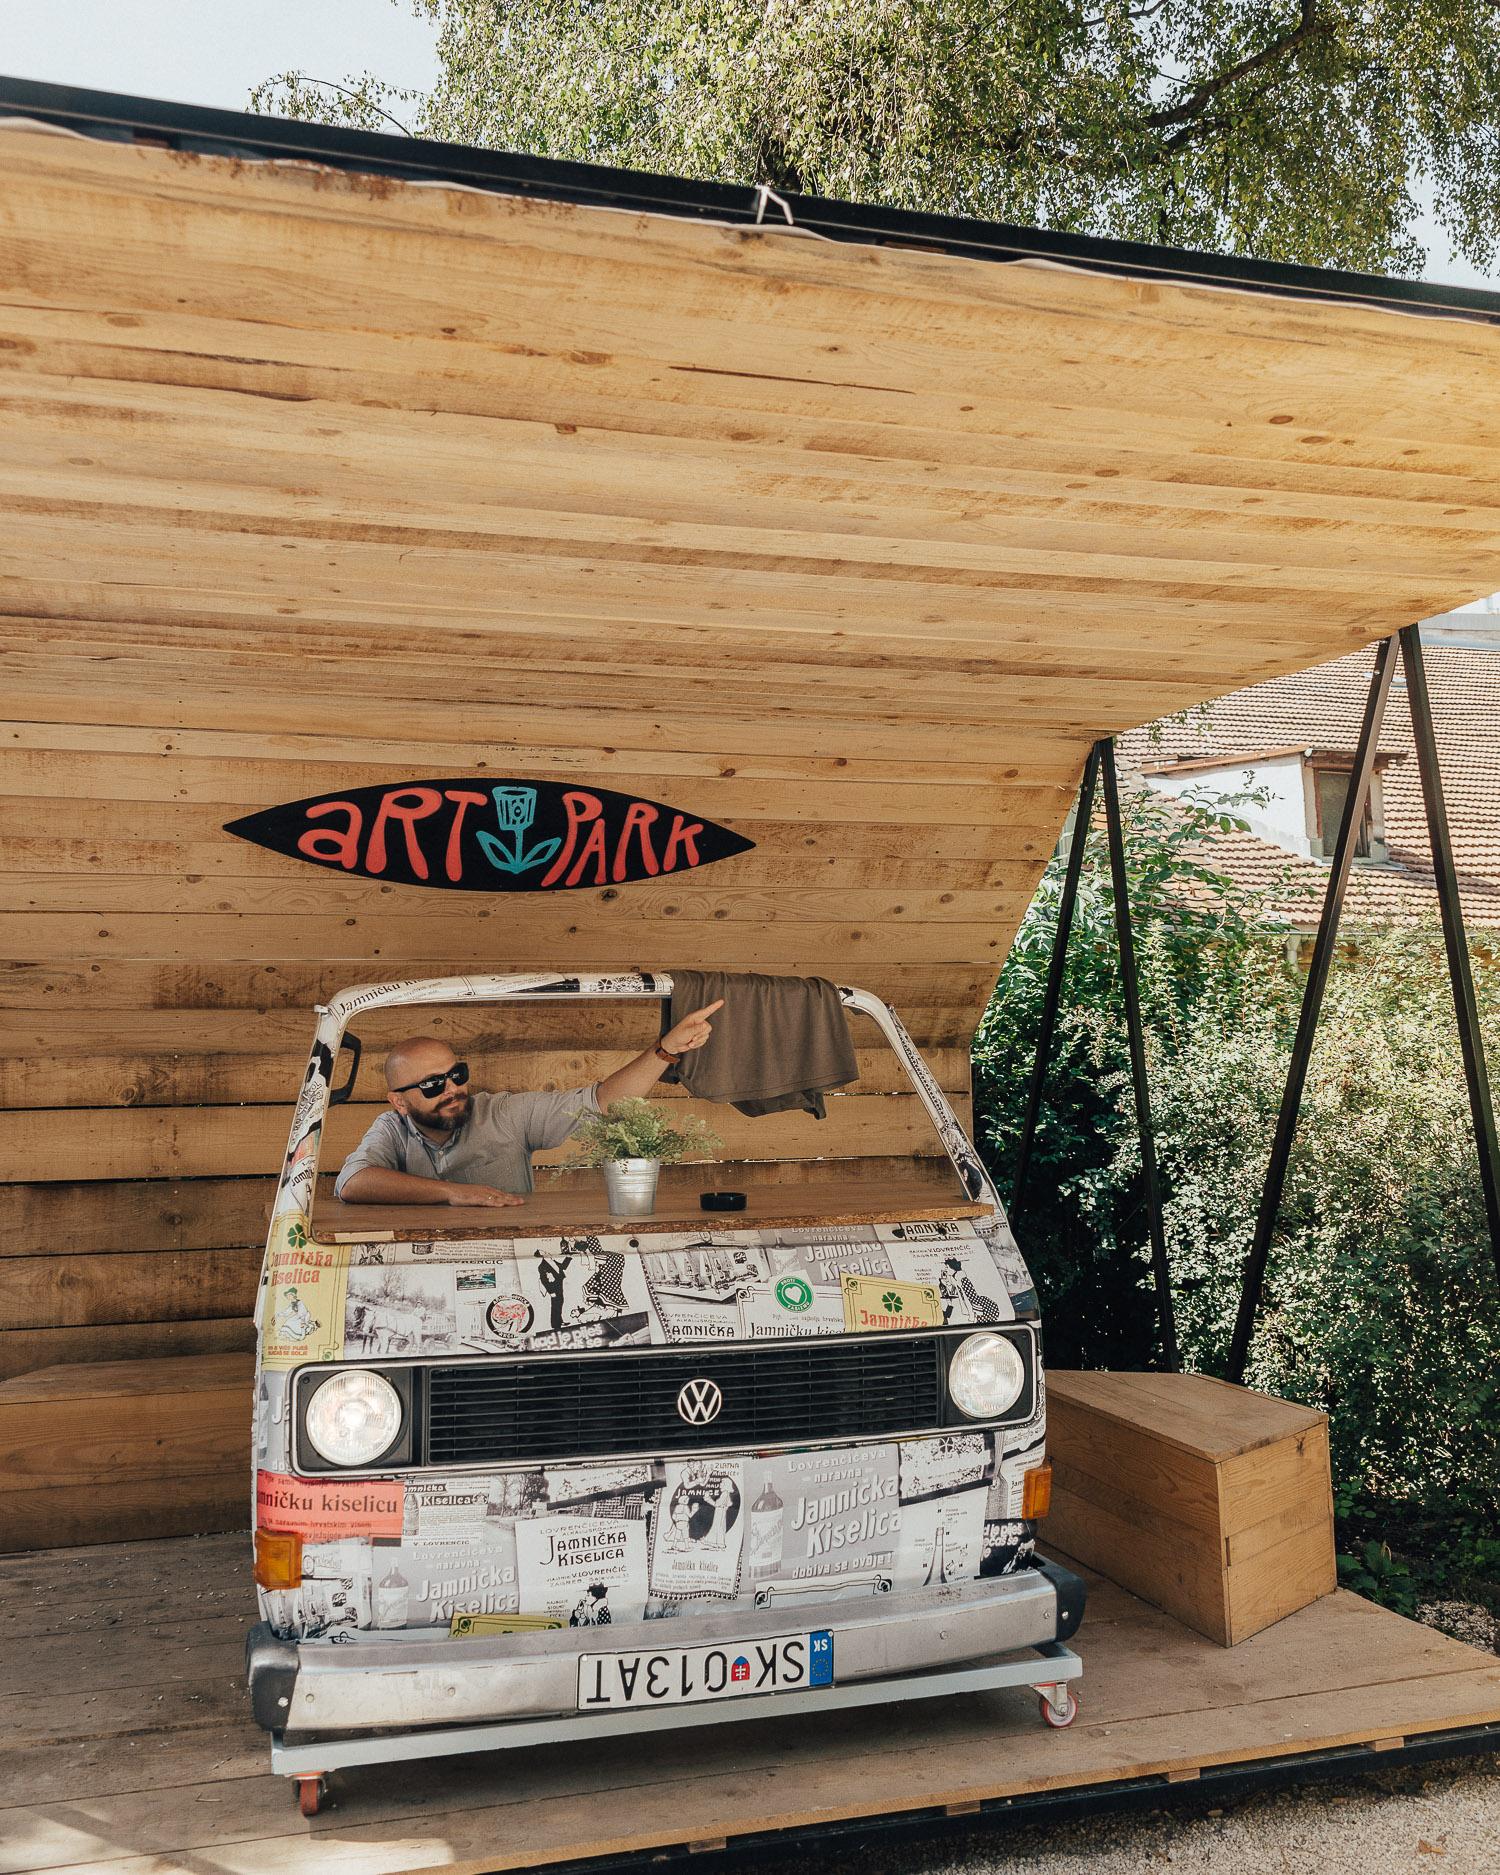 Truck in Art Park, Zagreb